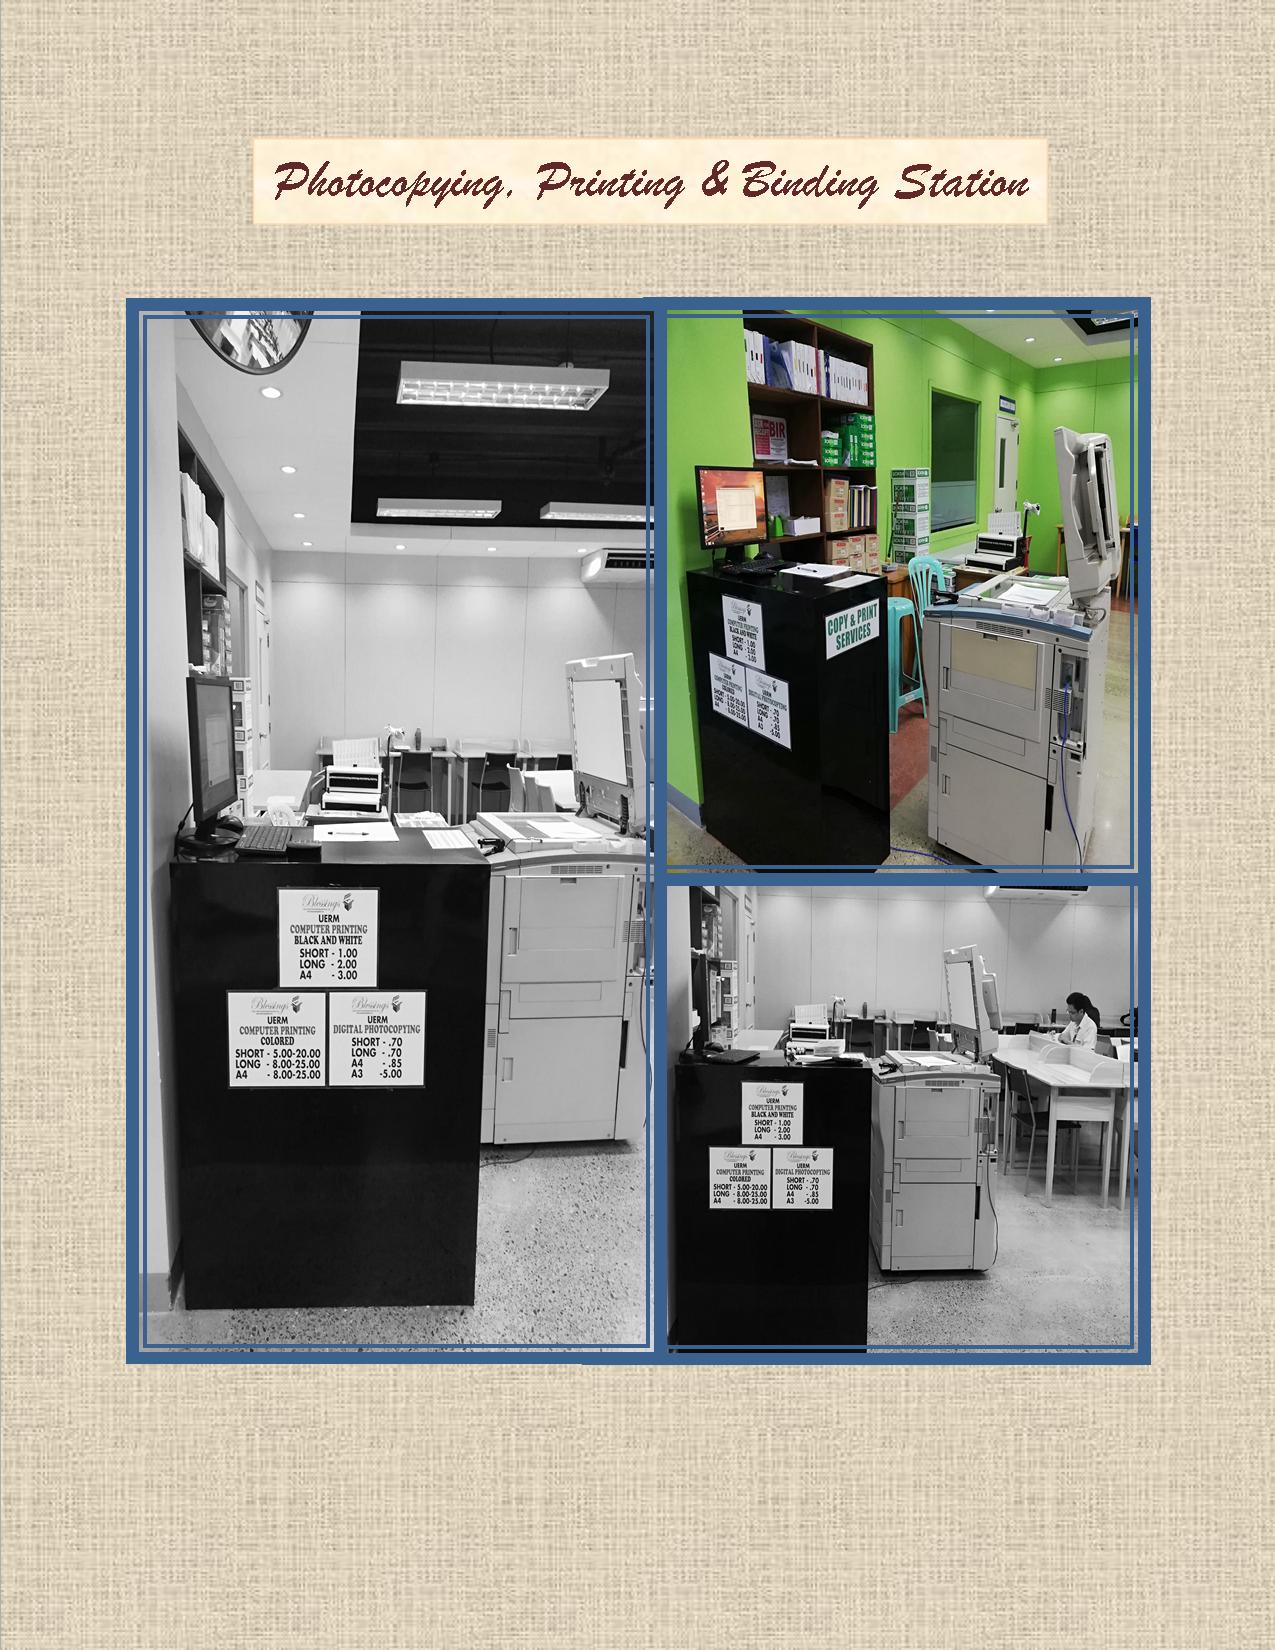 Photocopying, Printing and Binding